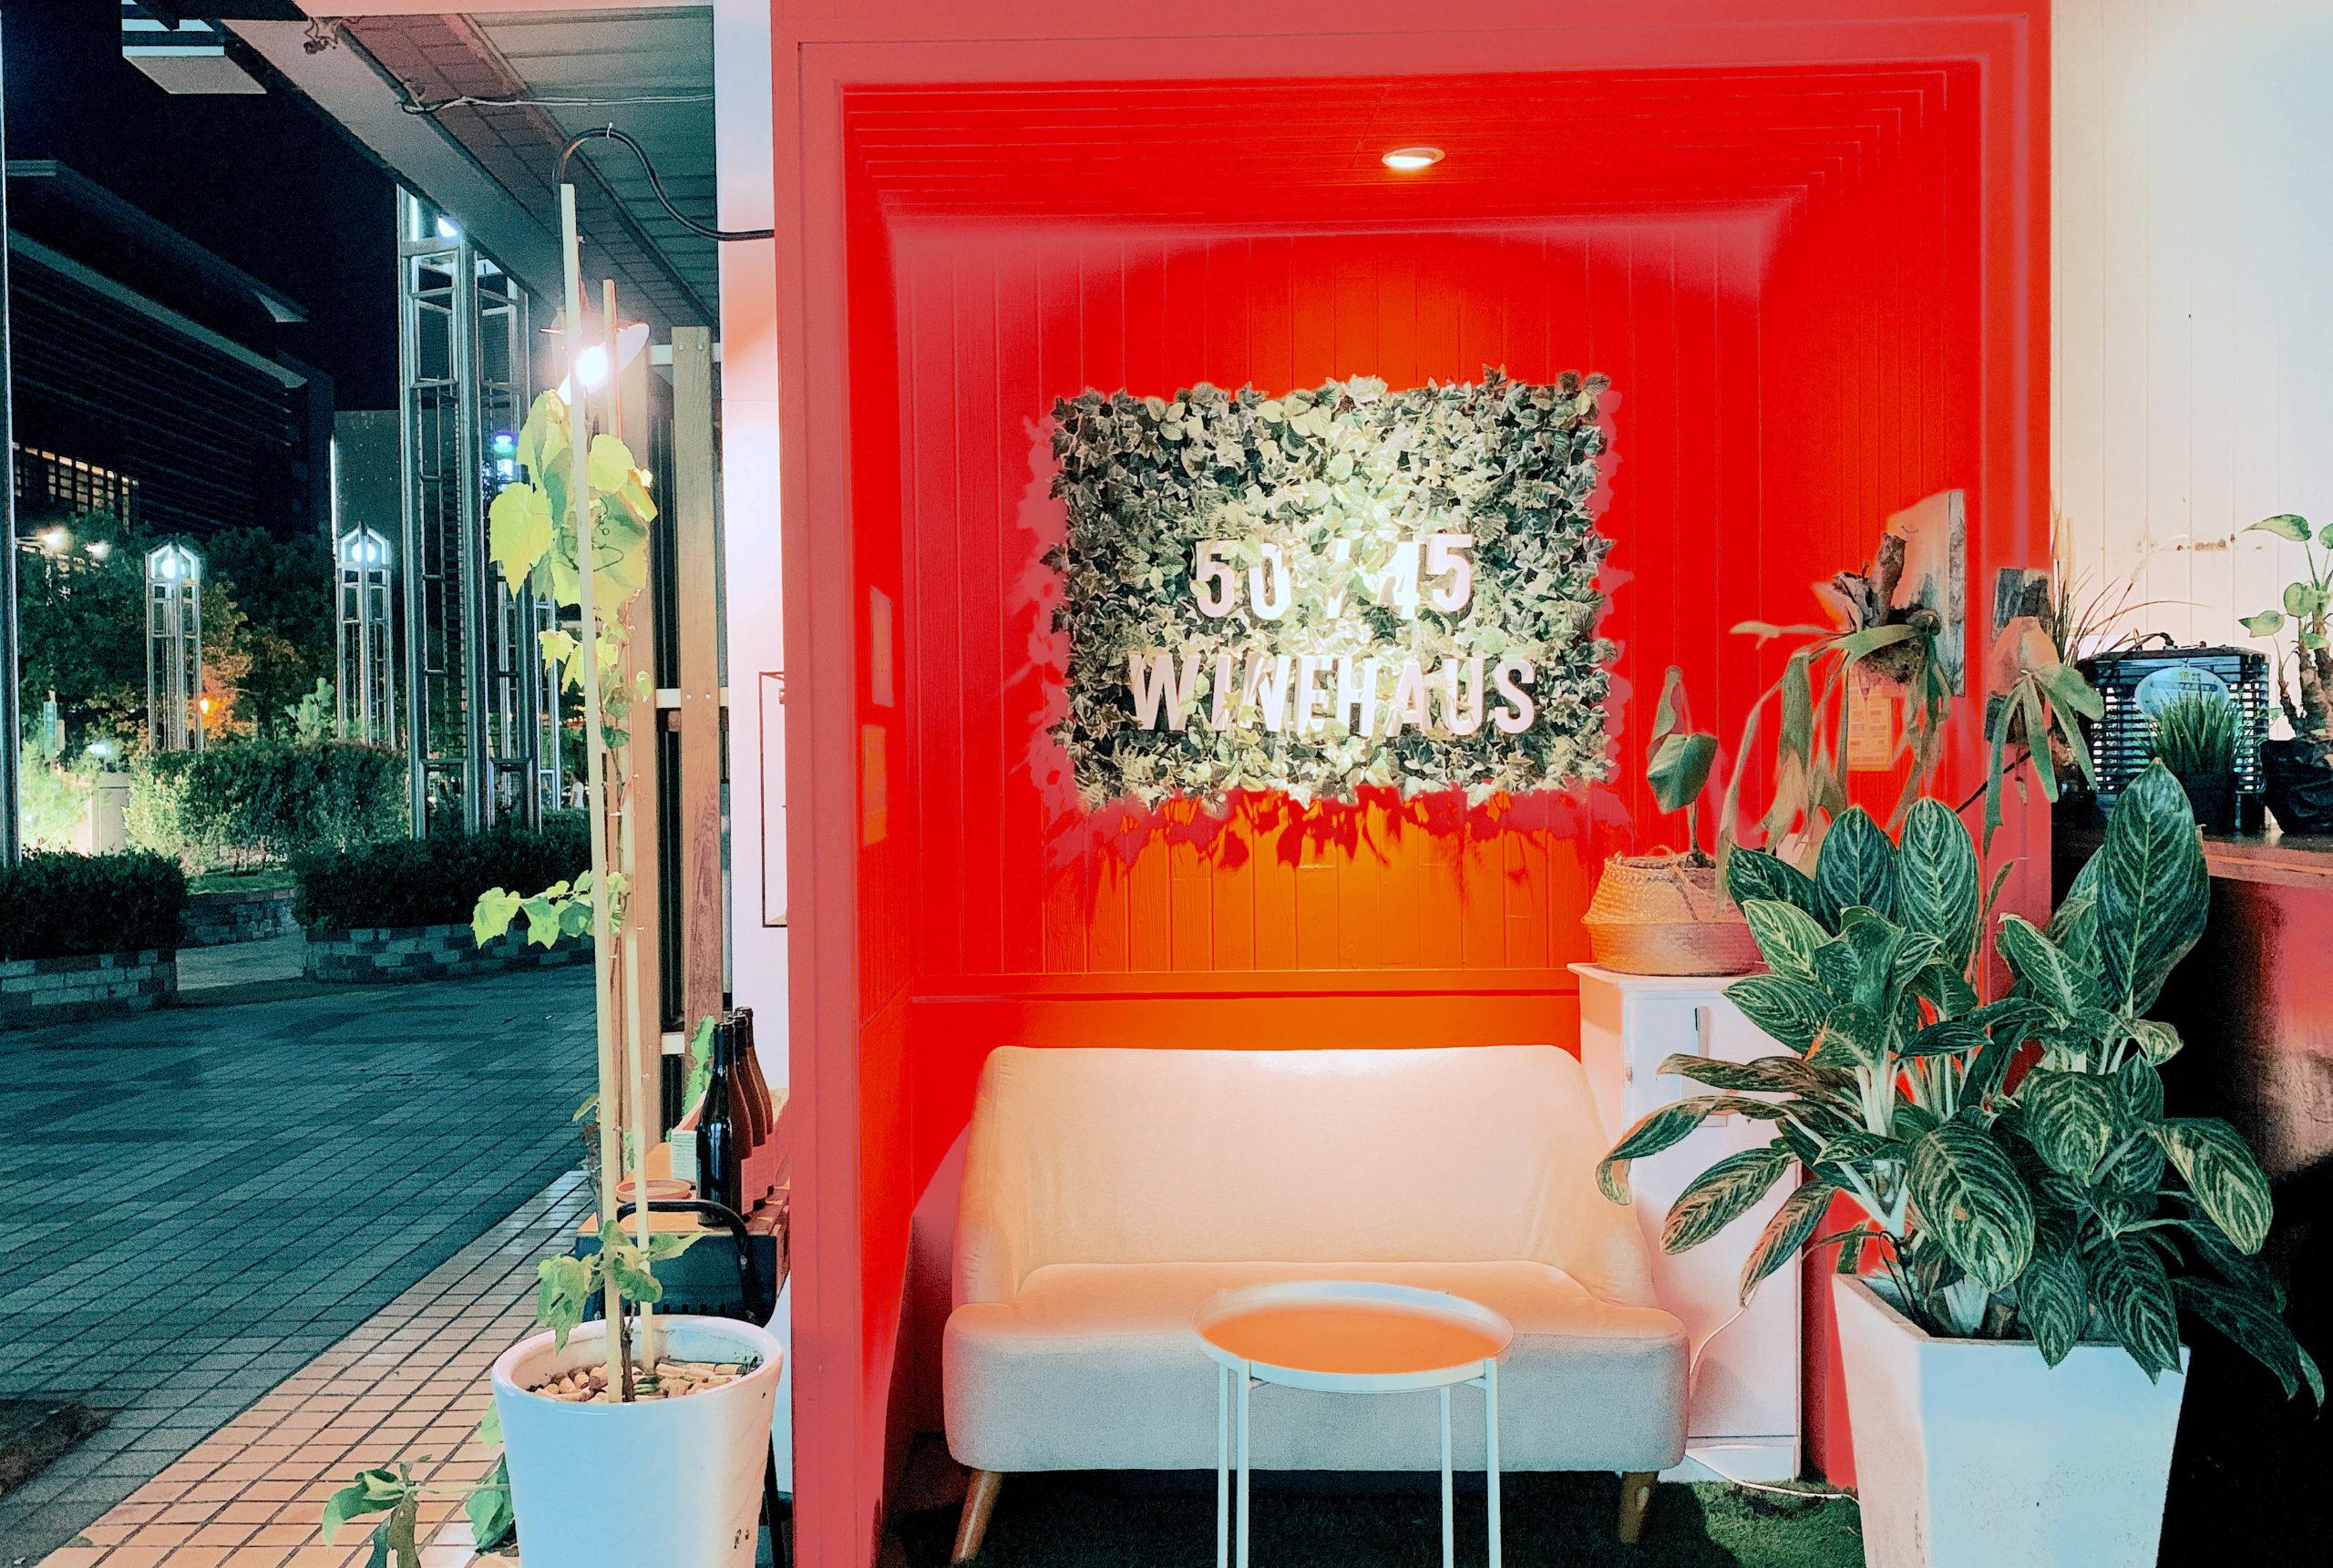 台北內湖區|50/45 WINEHAUS伴瓶酒葡萄酒吧|共享葡萄酒的生活提案